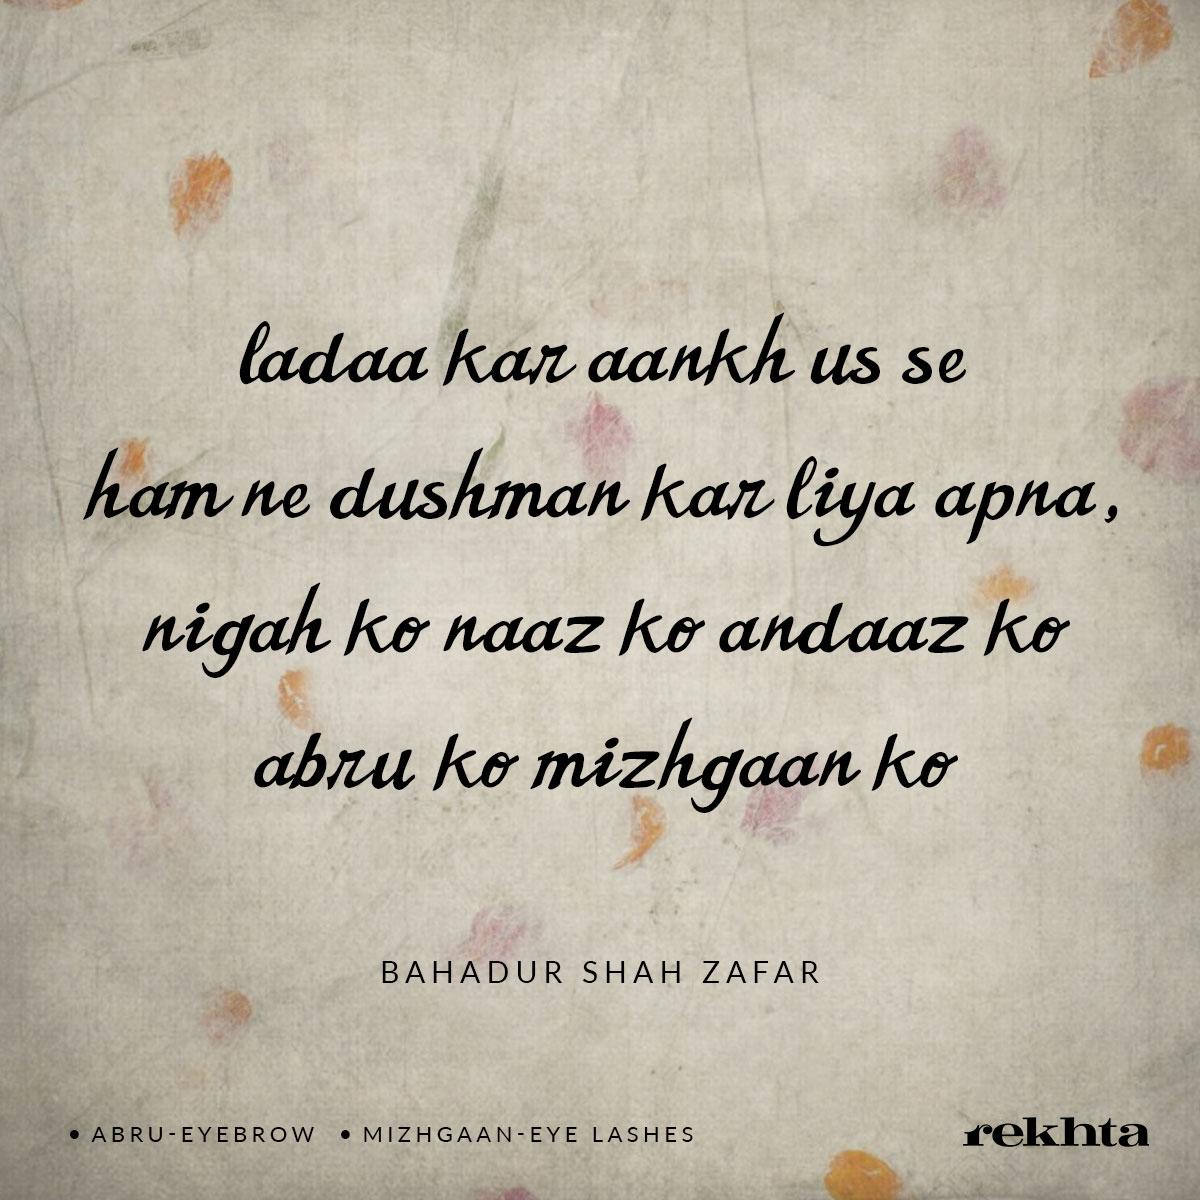 laDaa kar aankh us se ham ne dushman kar liya apna nigah ko naaz ko andaaz ko abru ko mizhgaan ko